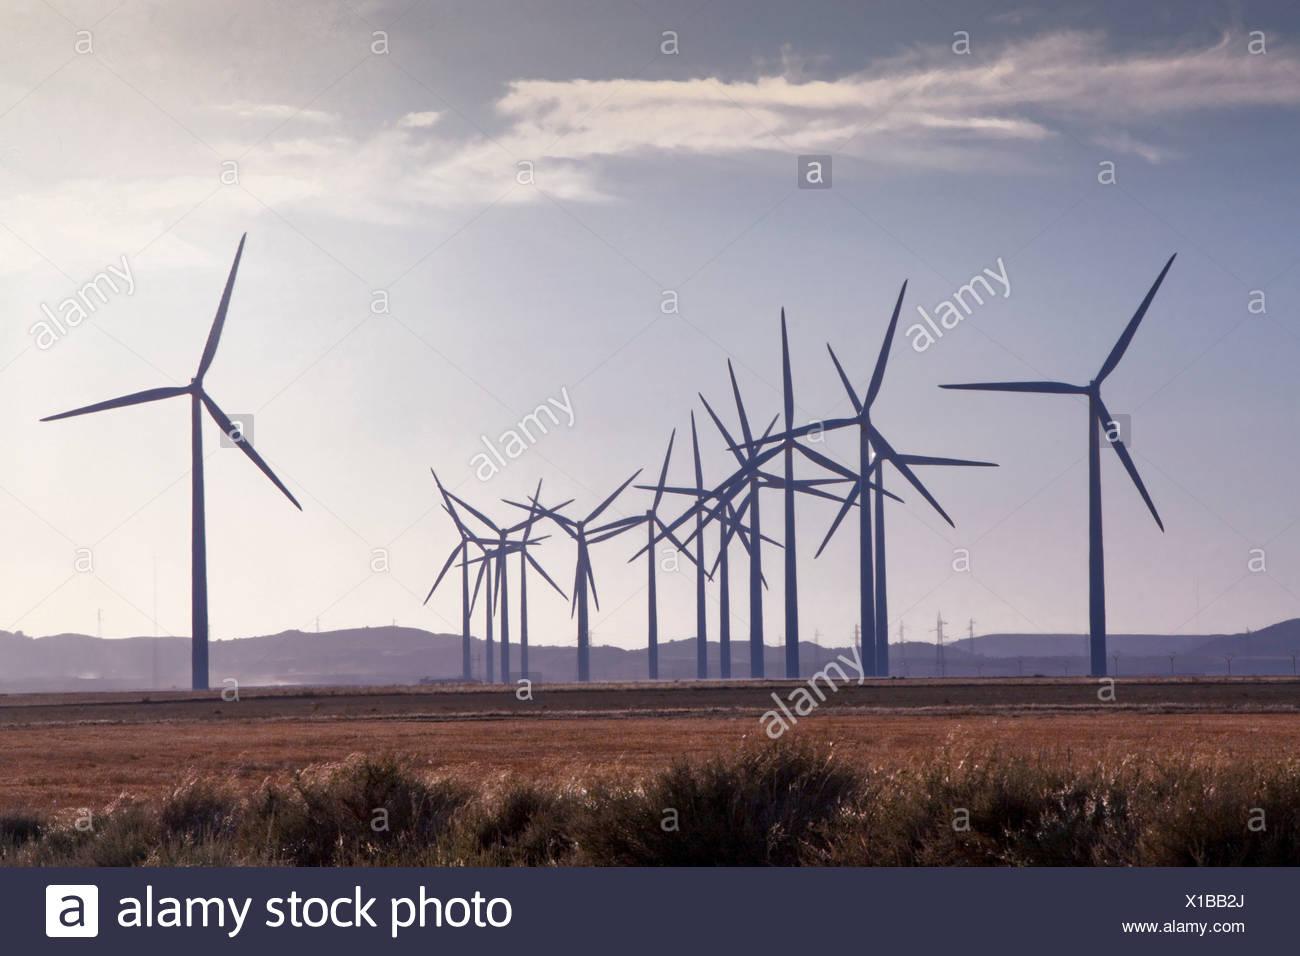 España, Europa, Aragón, parque eólico, la energía eólica, turbinas eólicas, energía, Belchite, ecológico Imagen De Stock